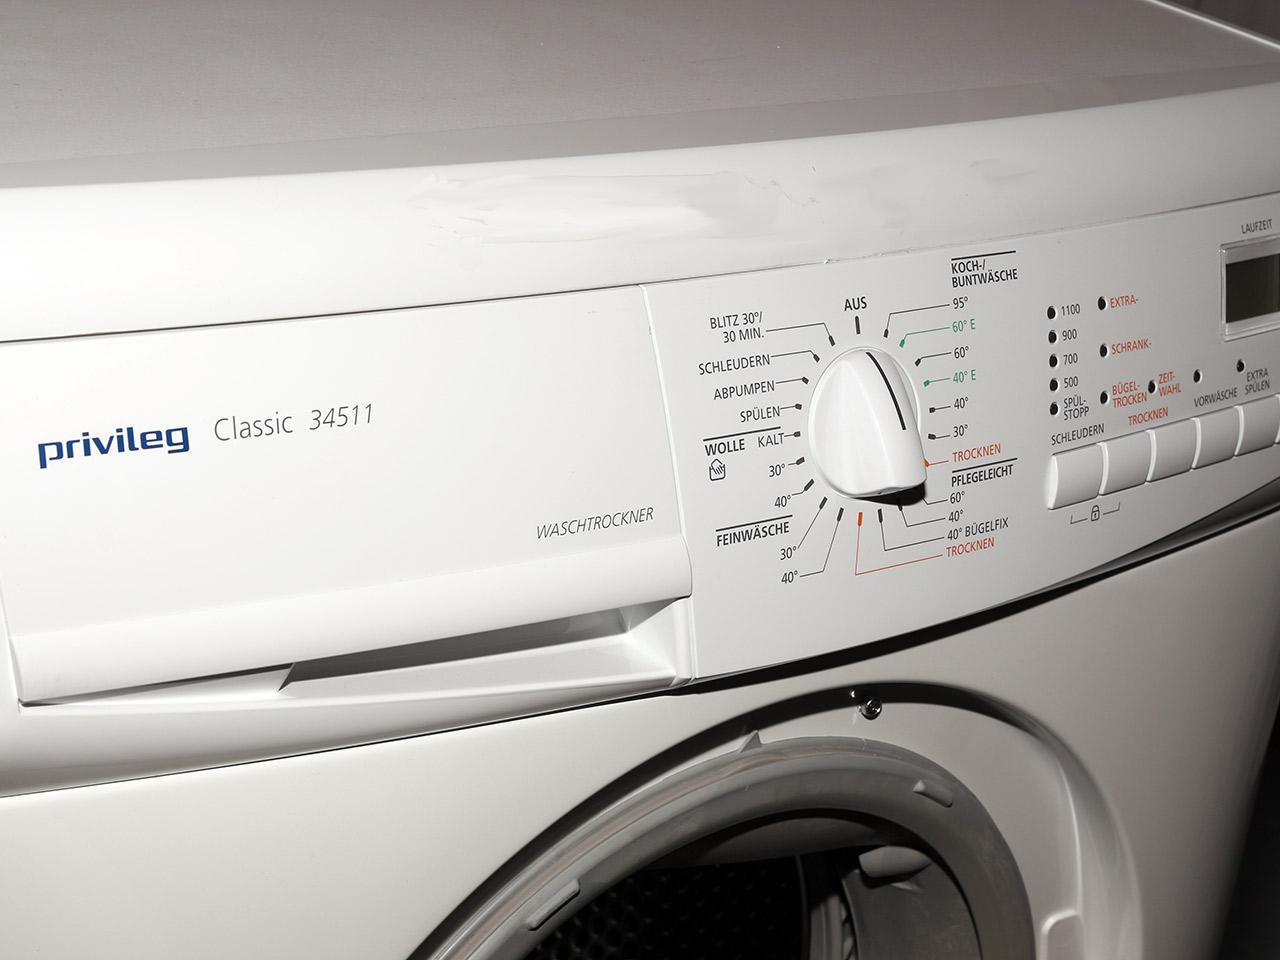 waschmaschine und trockner in einem ger t inspirierendes design f r wohnm bel. Black Bedroom Furniture Sets. Home Design Ideas